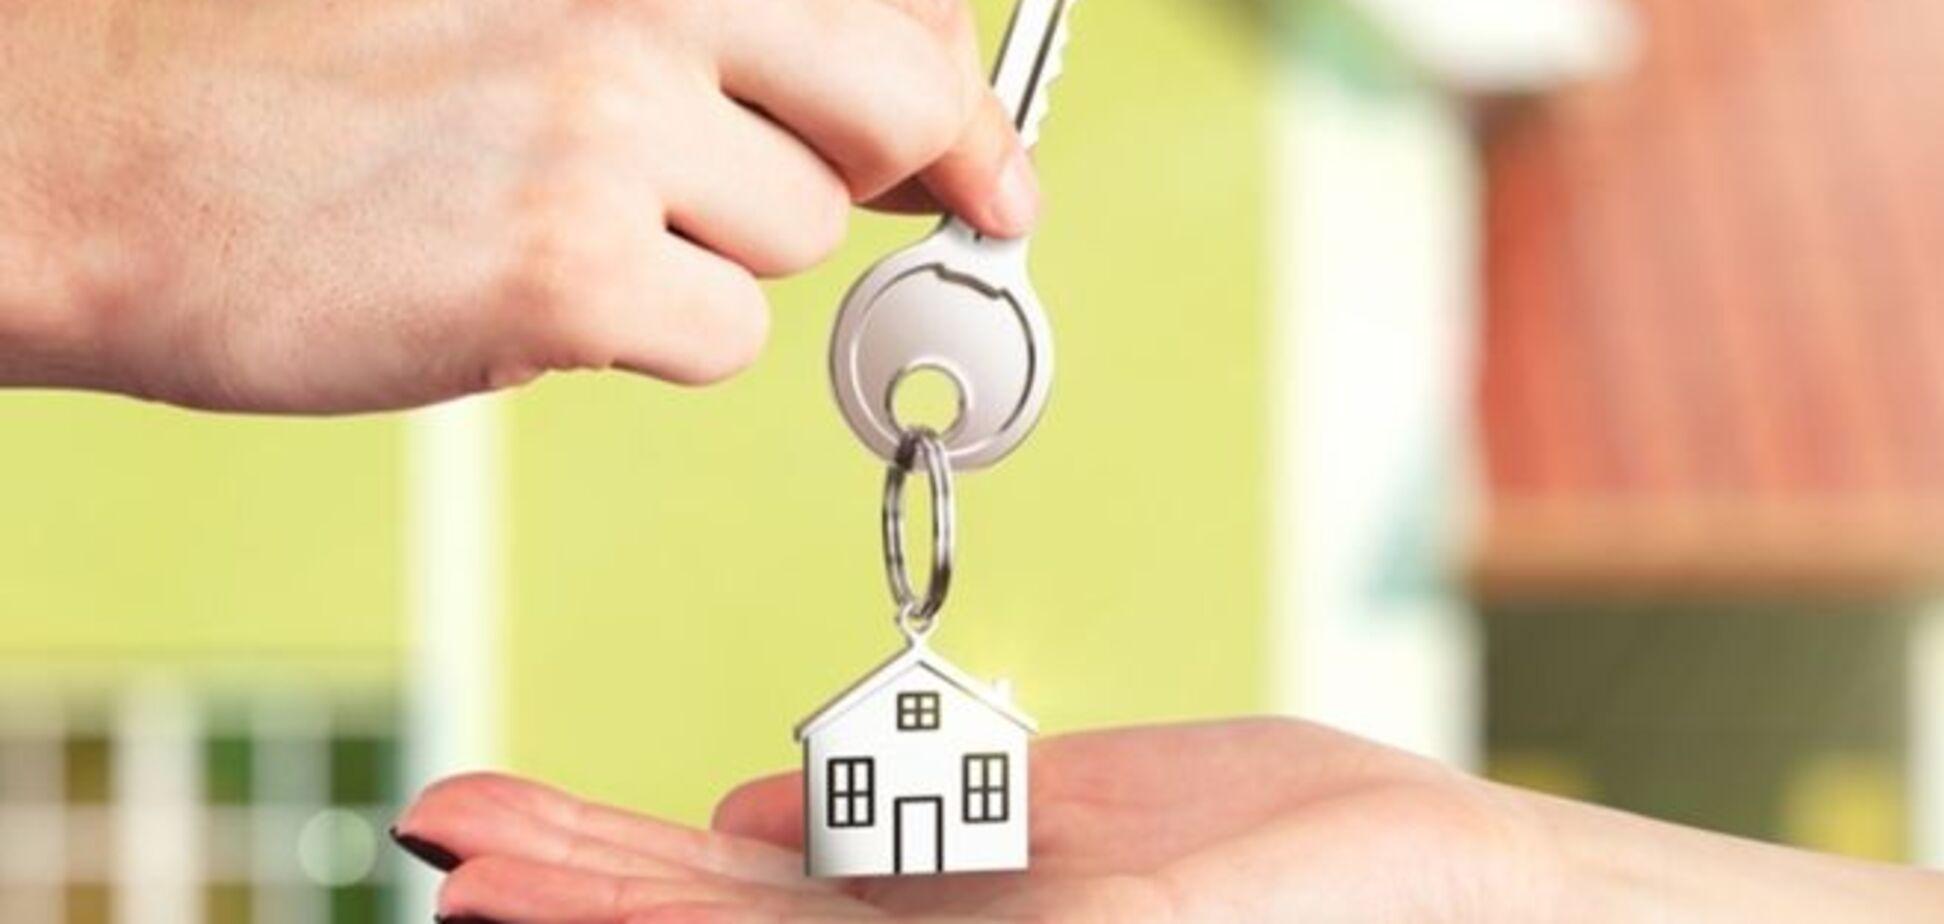 В августе продавцы могут придержать свои квартиры